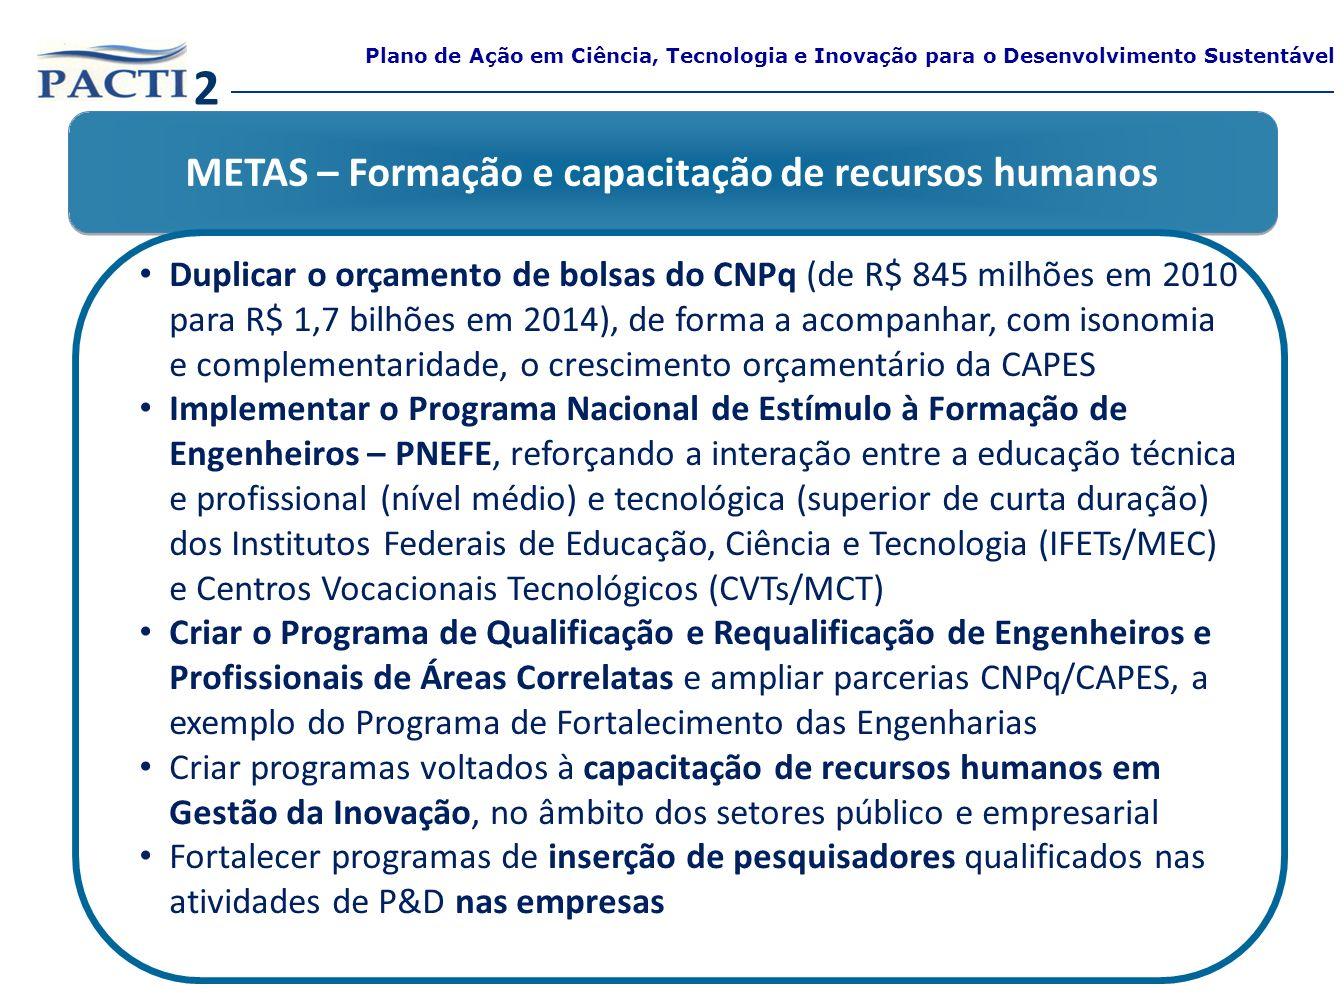 METAS – Formação e capacitação de recursos humanos Duplicar o orçamento de bolsas do CNPq (de R$ 845 milhões em 2010 para R$ 1,7 bilhões em 2014), de